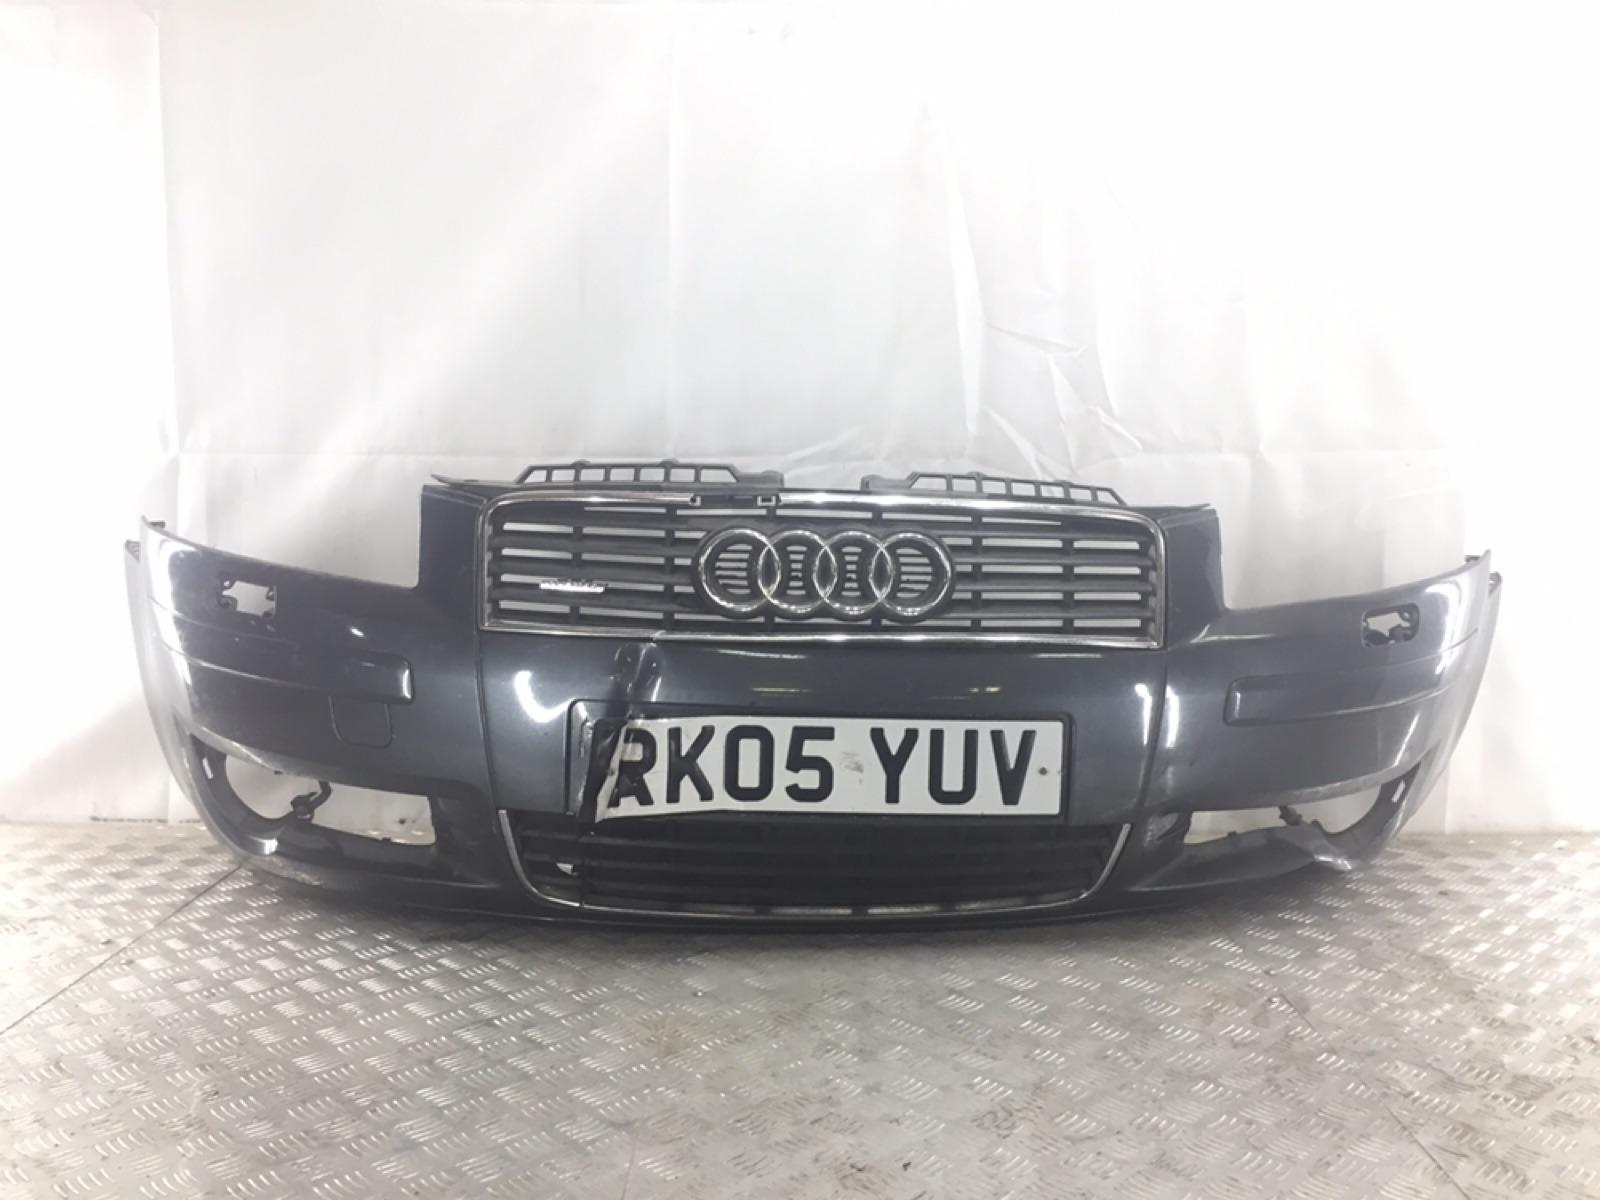 Бампер передний Audi A3 8P 2.0 I 2005 (б/у)